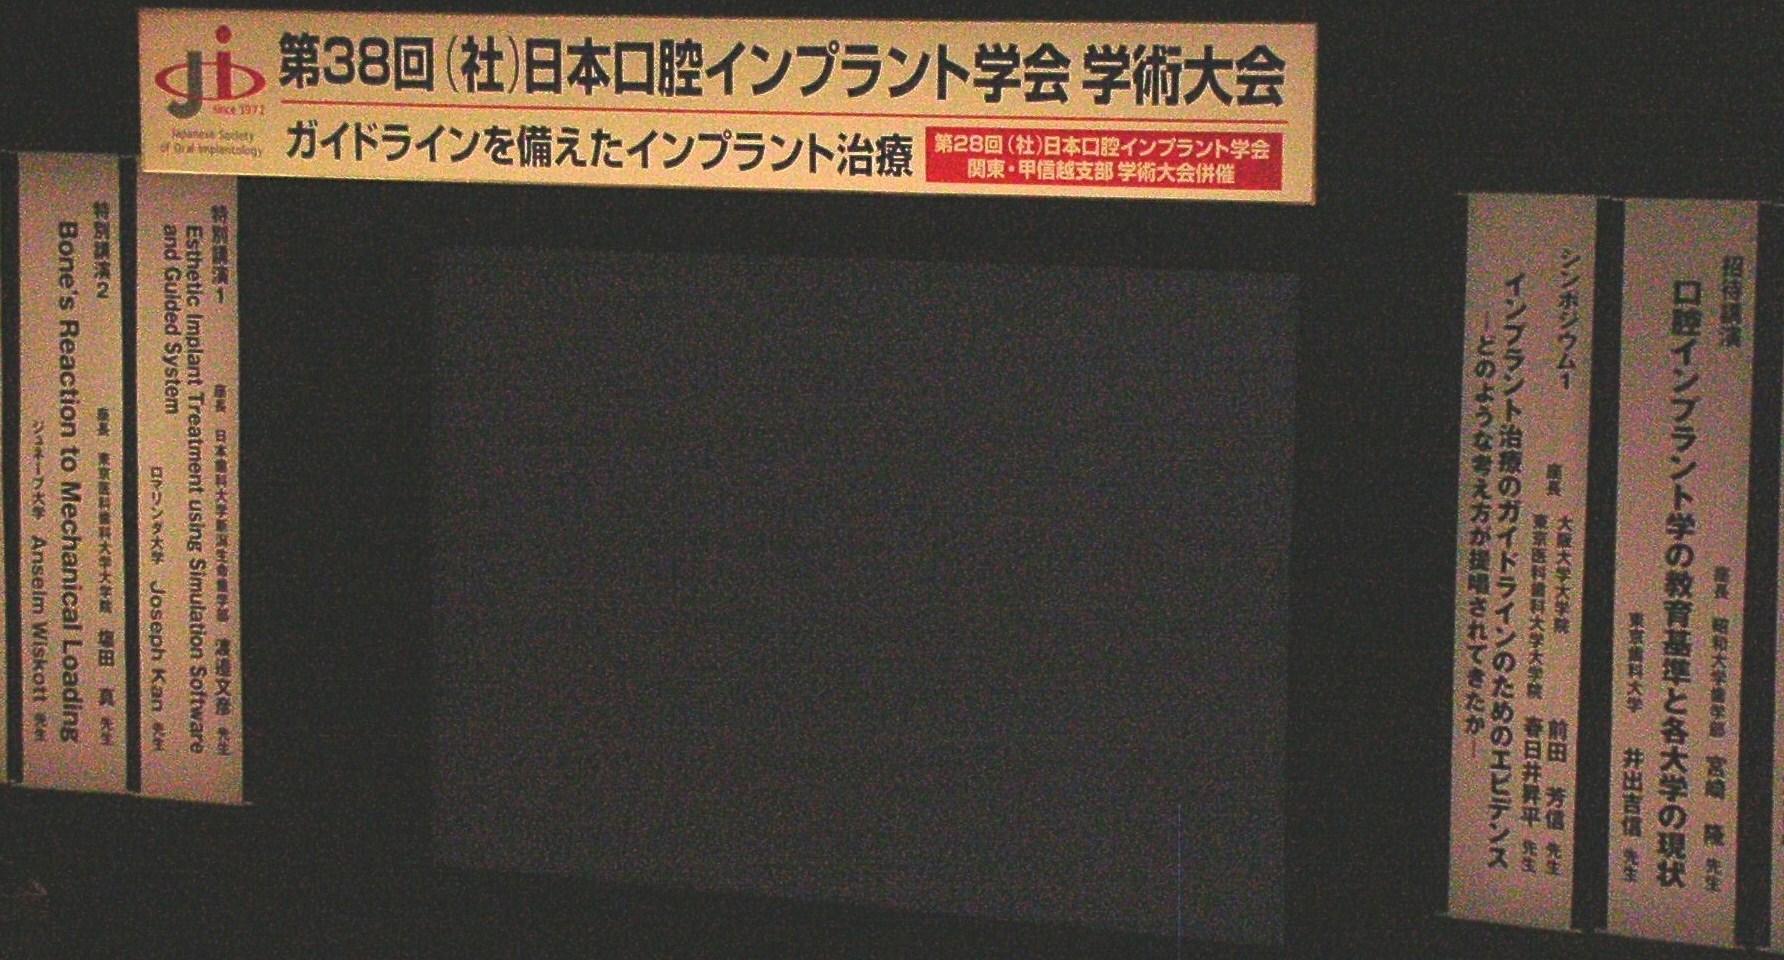 口腔インプラント学会 出席_b0141717_22105319.jpg